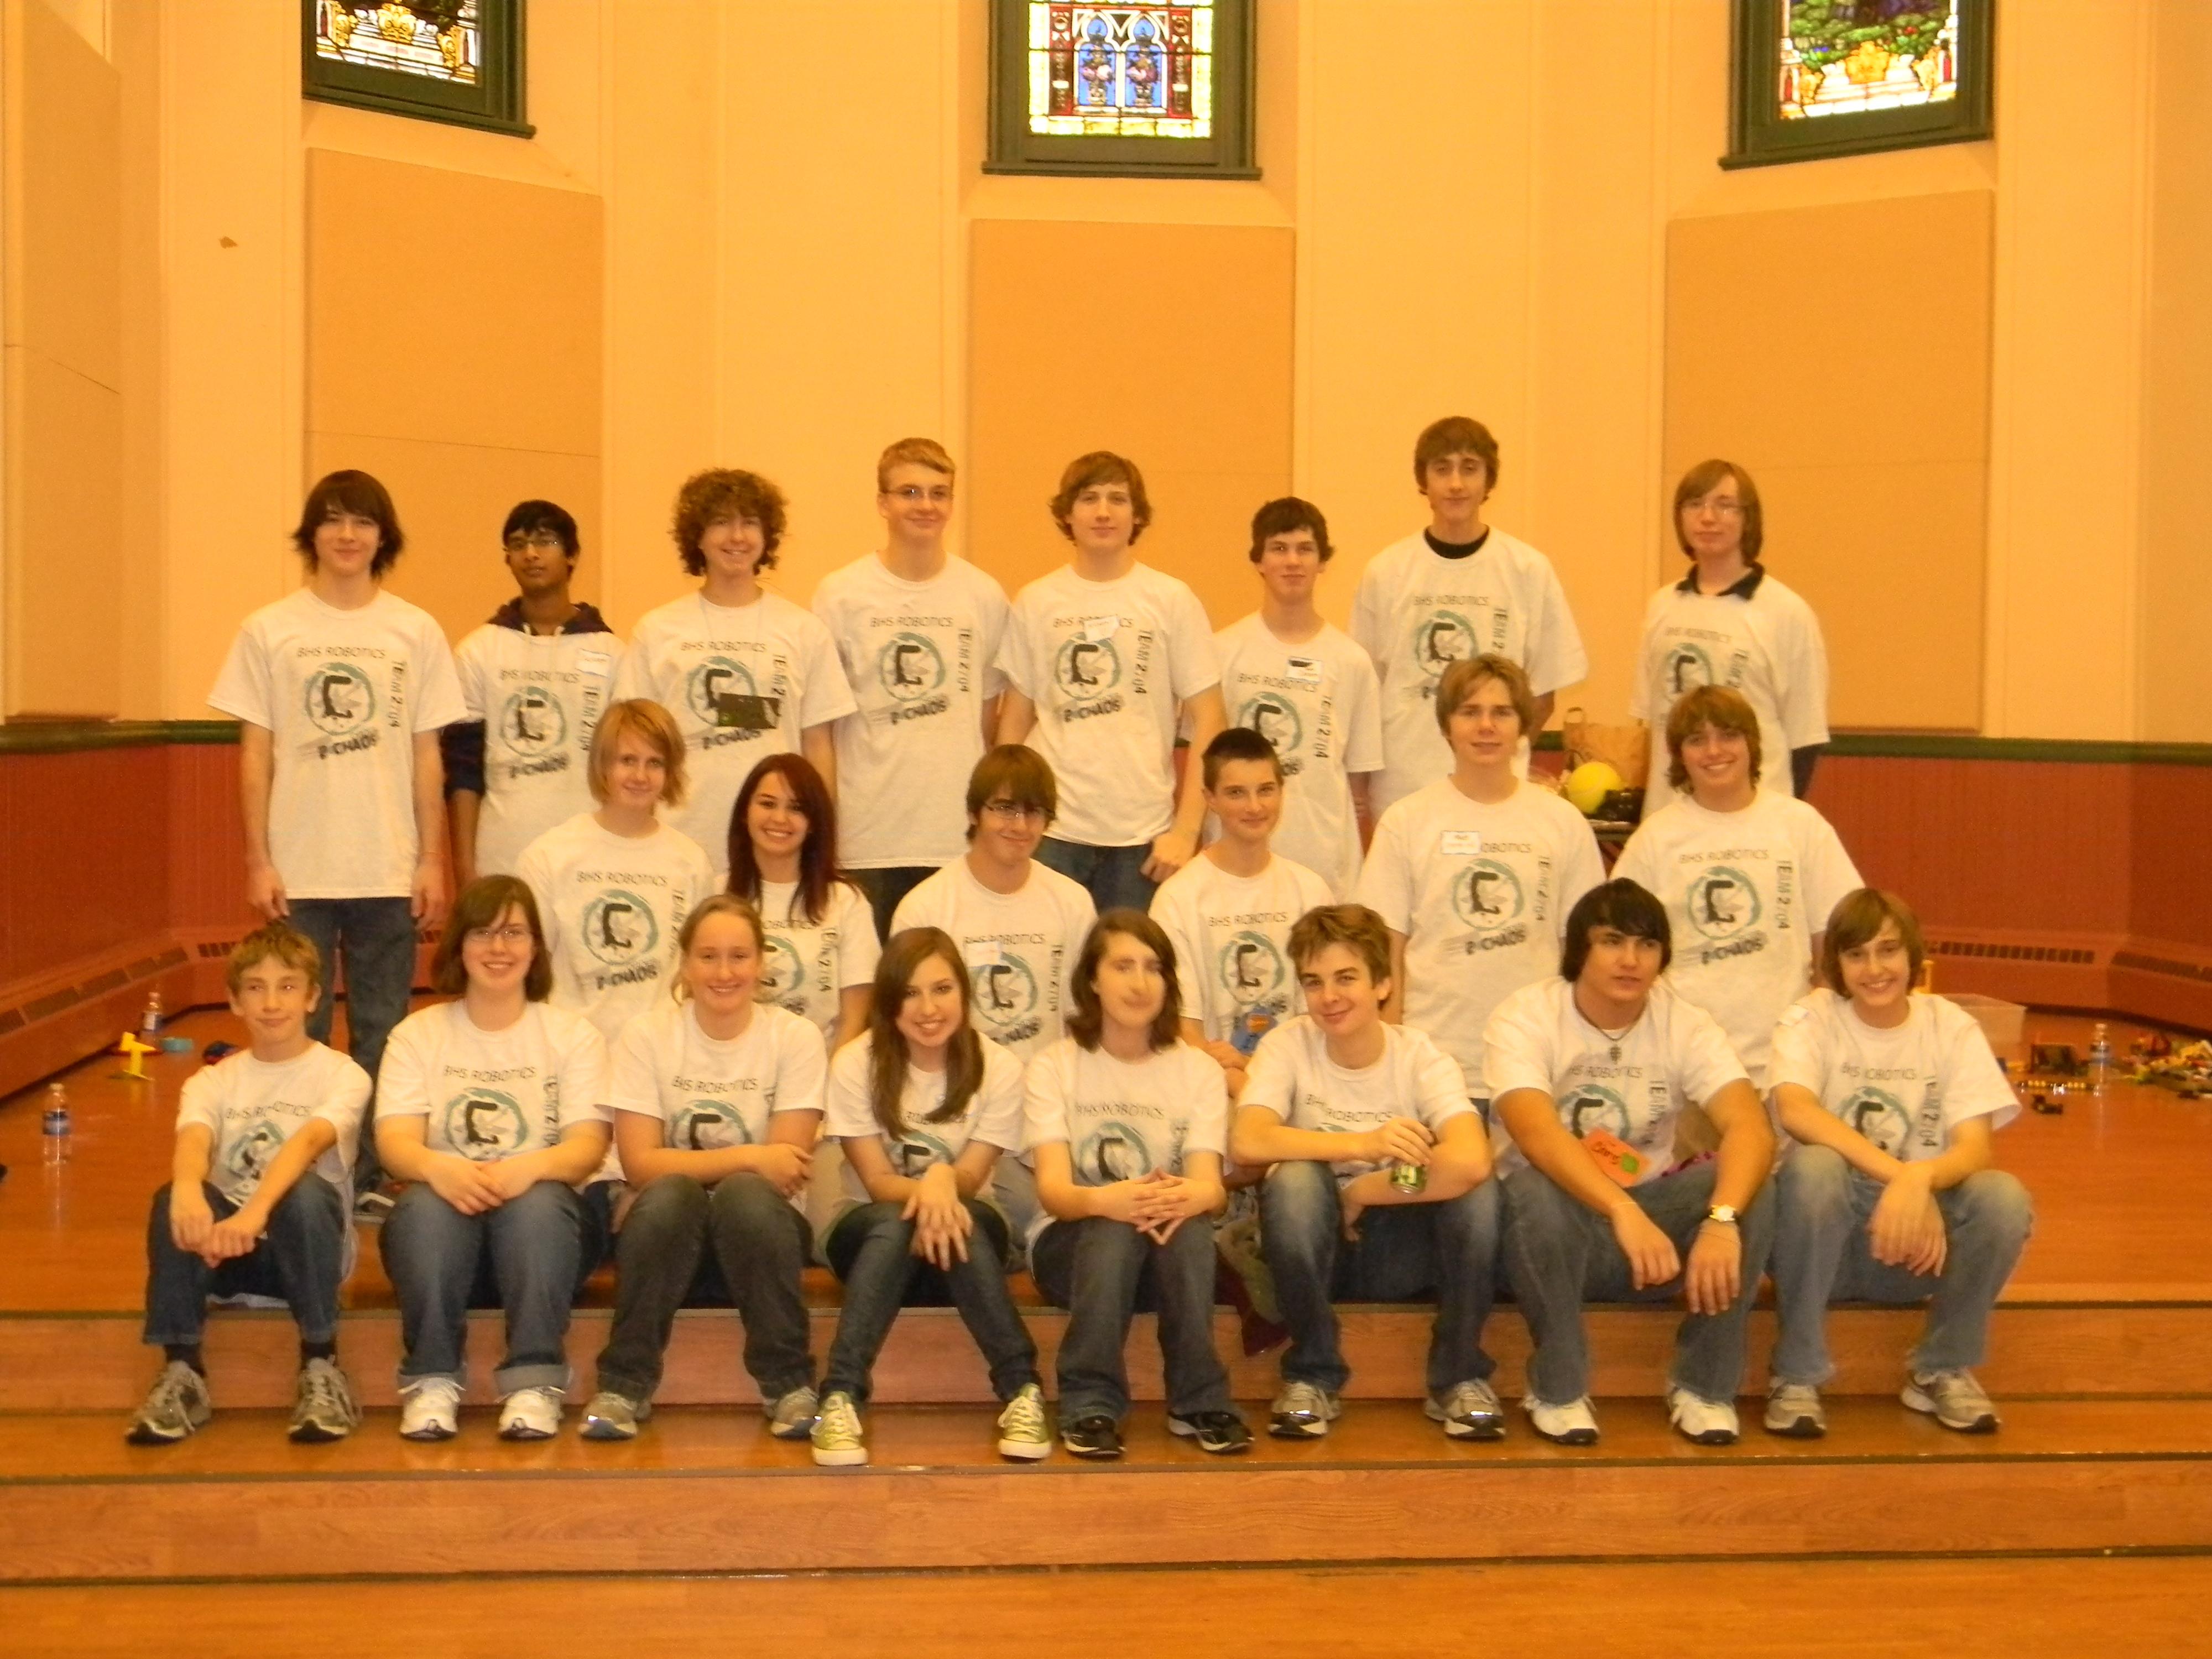 Order 2 Chaos Team Photo